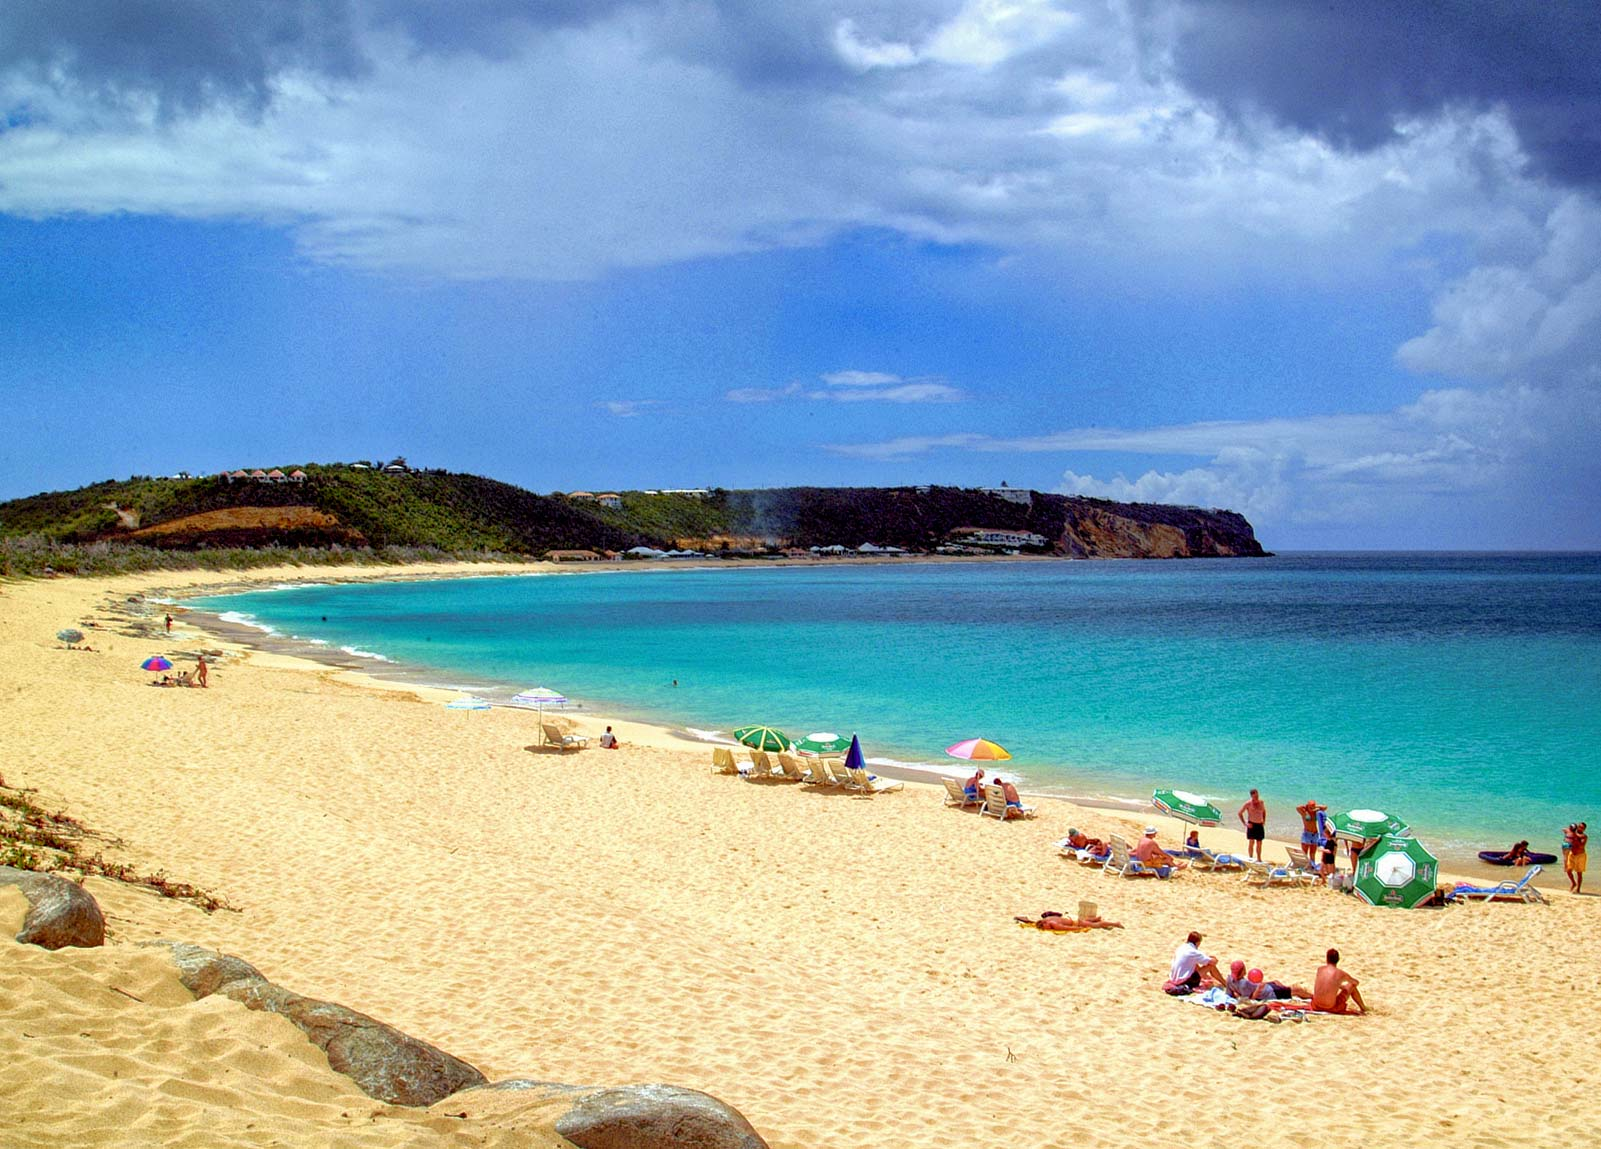 st martin beaches st